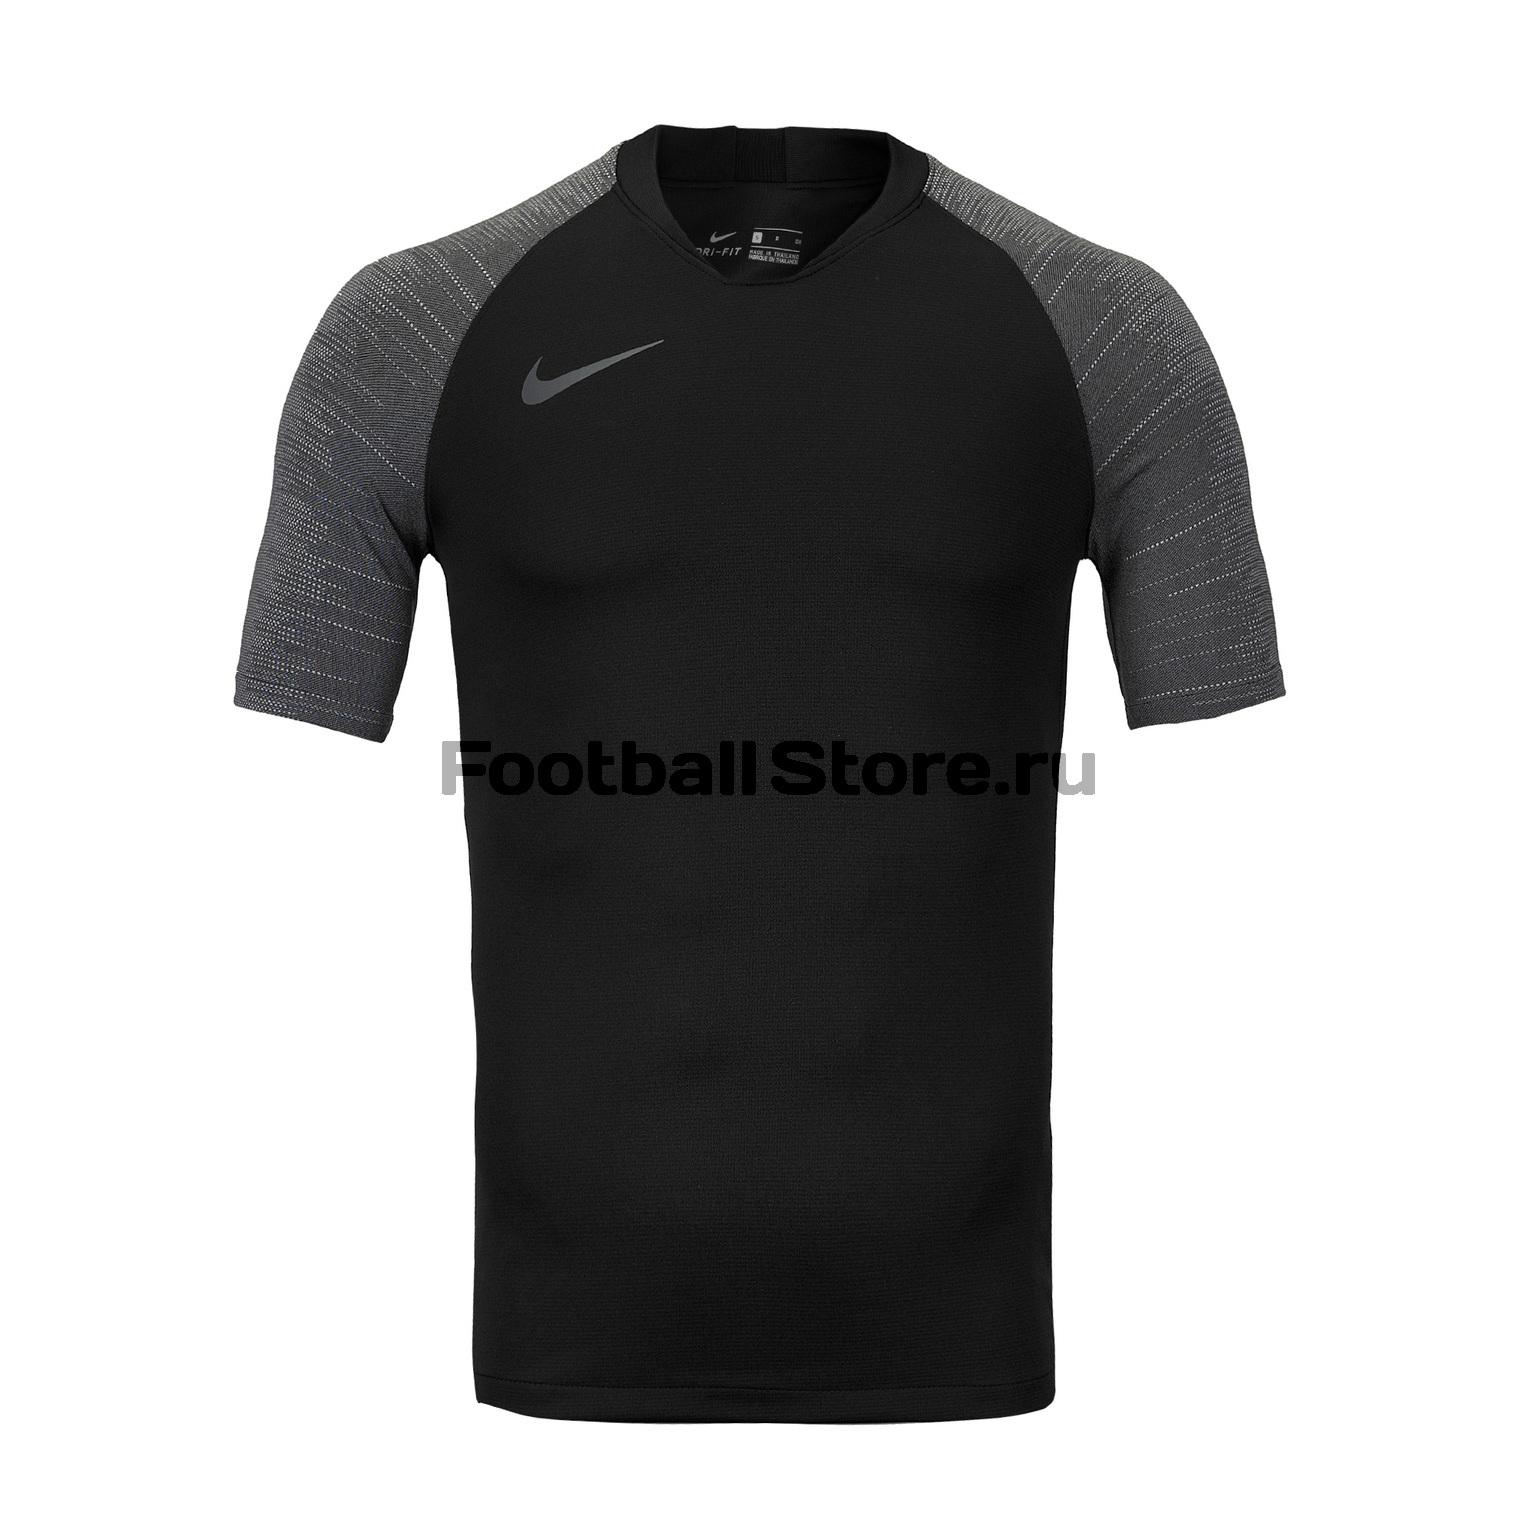 Футболка тренировочная Nike Strike Top AT5870-010 футболка тренировочная nike strike top at5870 010